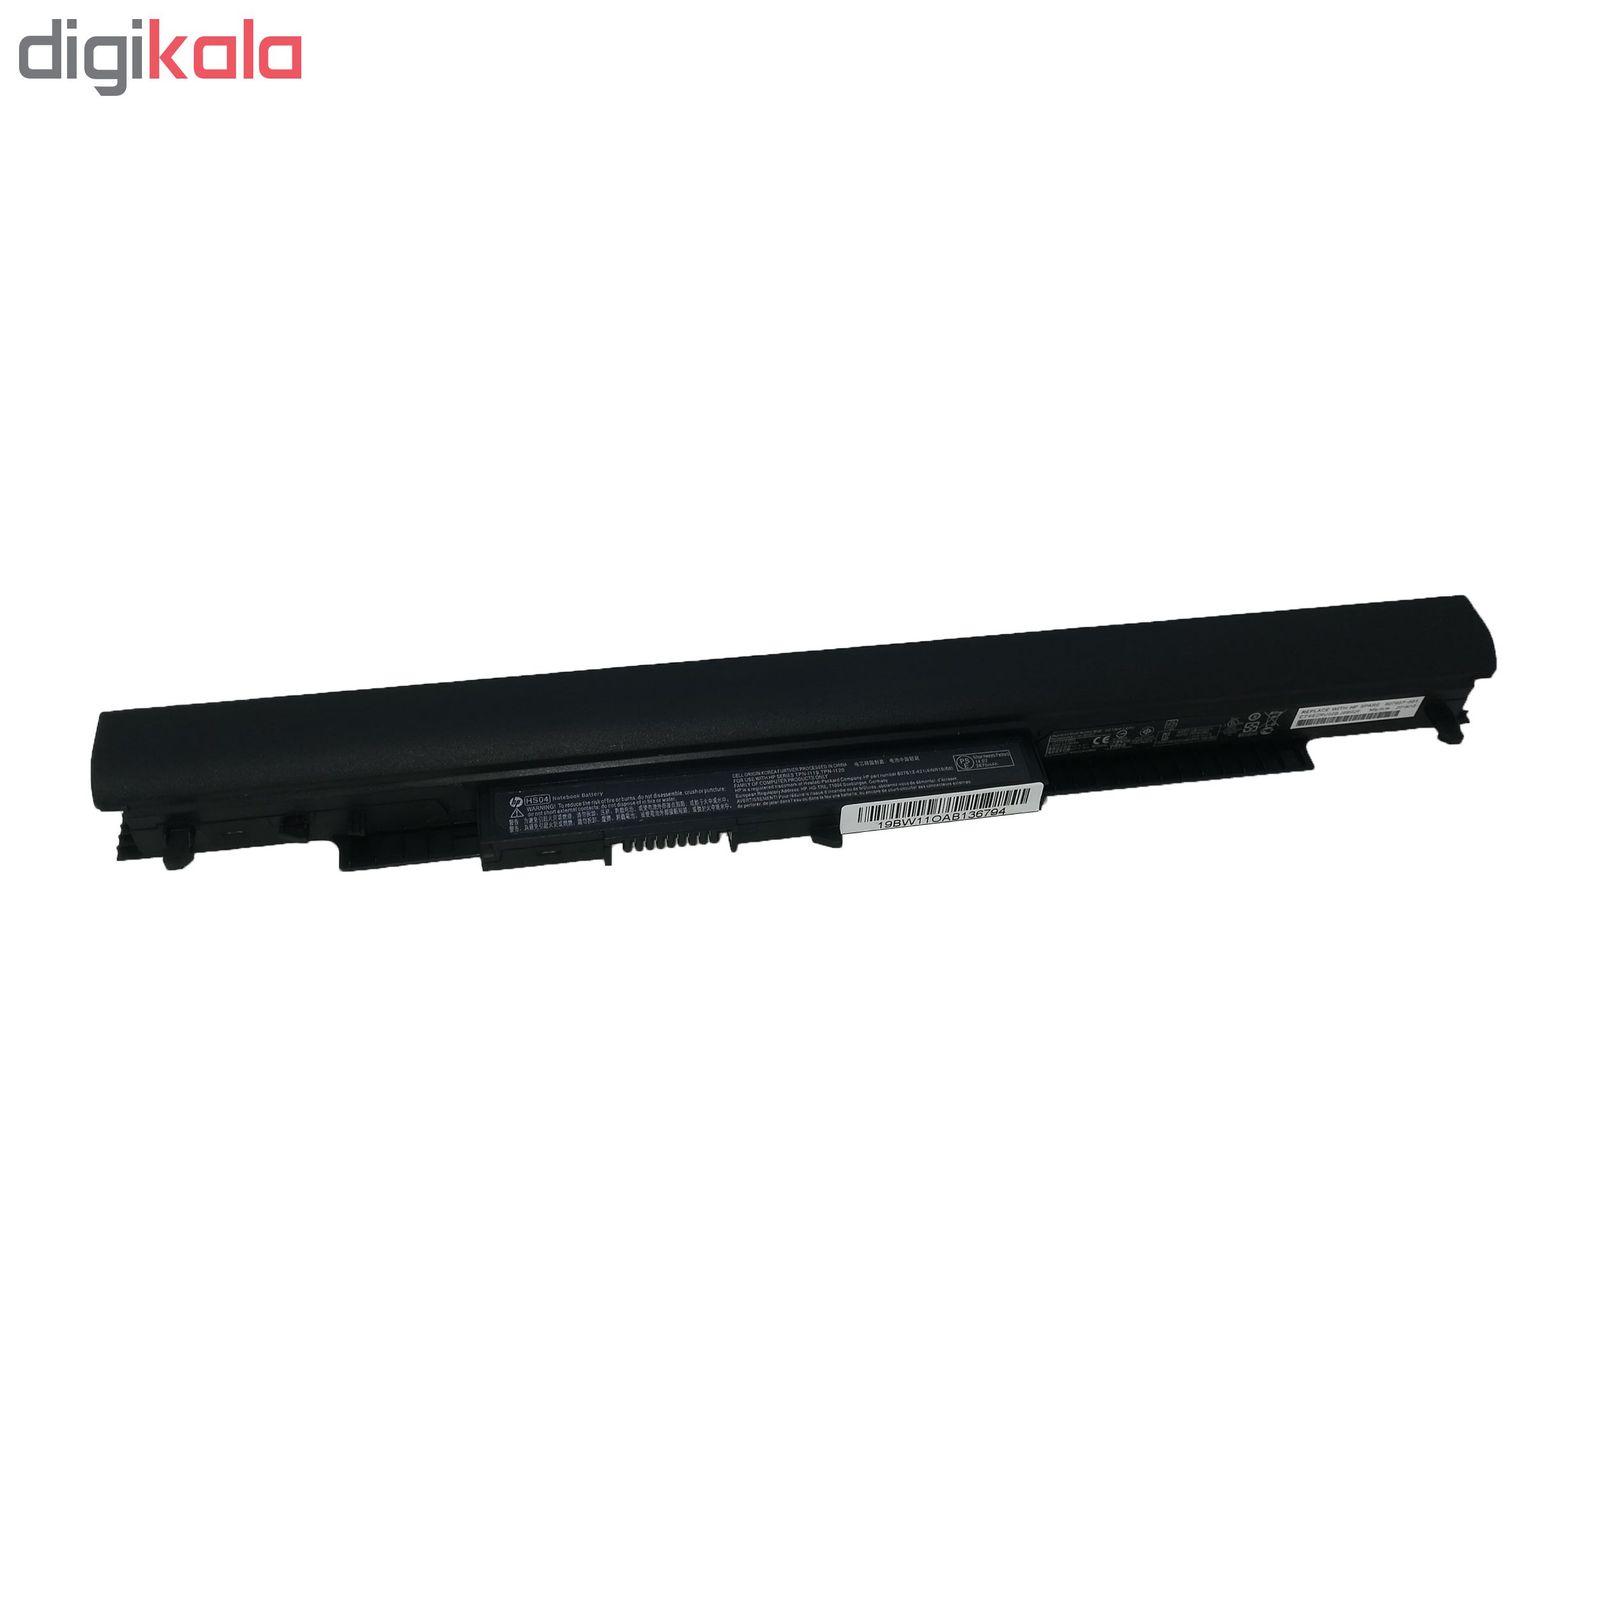 باتری لپ تاپ 4 سلولی مدل HS04 مناسب برای لپ تاپ اچ پی 250 G4 main 1 1